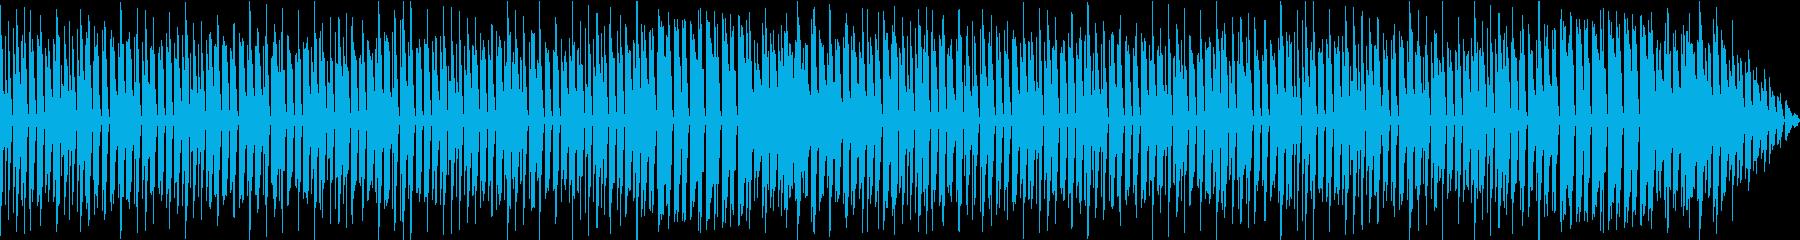 【企画紹介BGM】ワクワク・好奇心の再生済みの波形